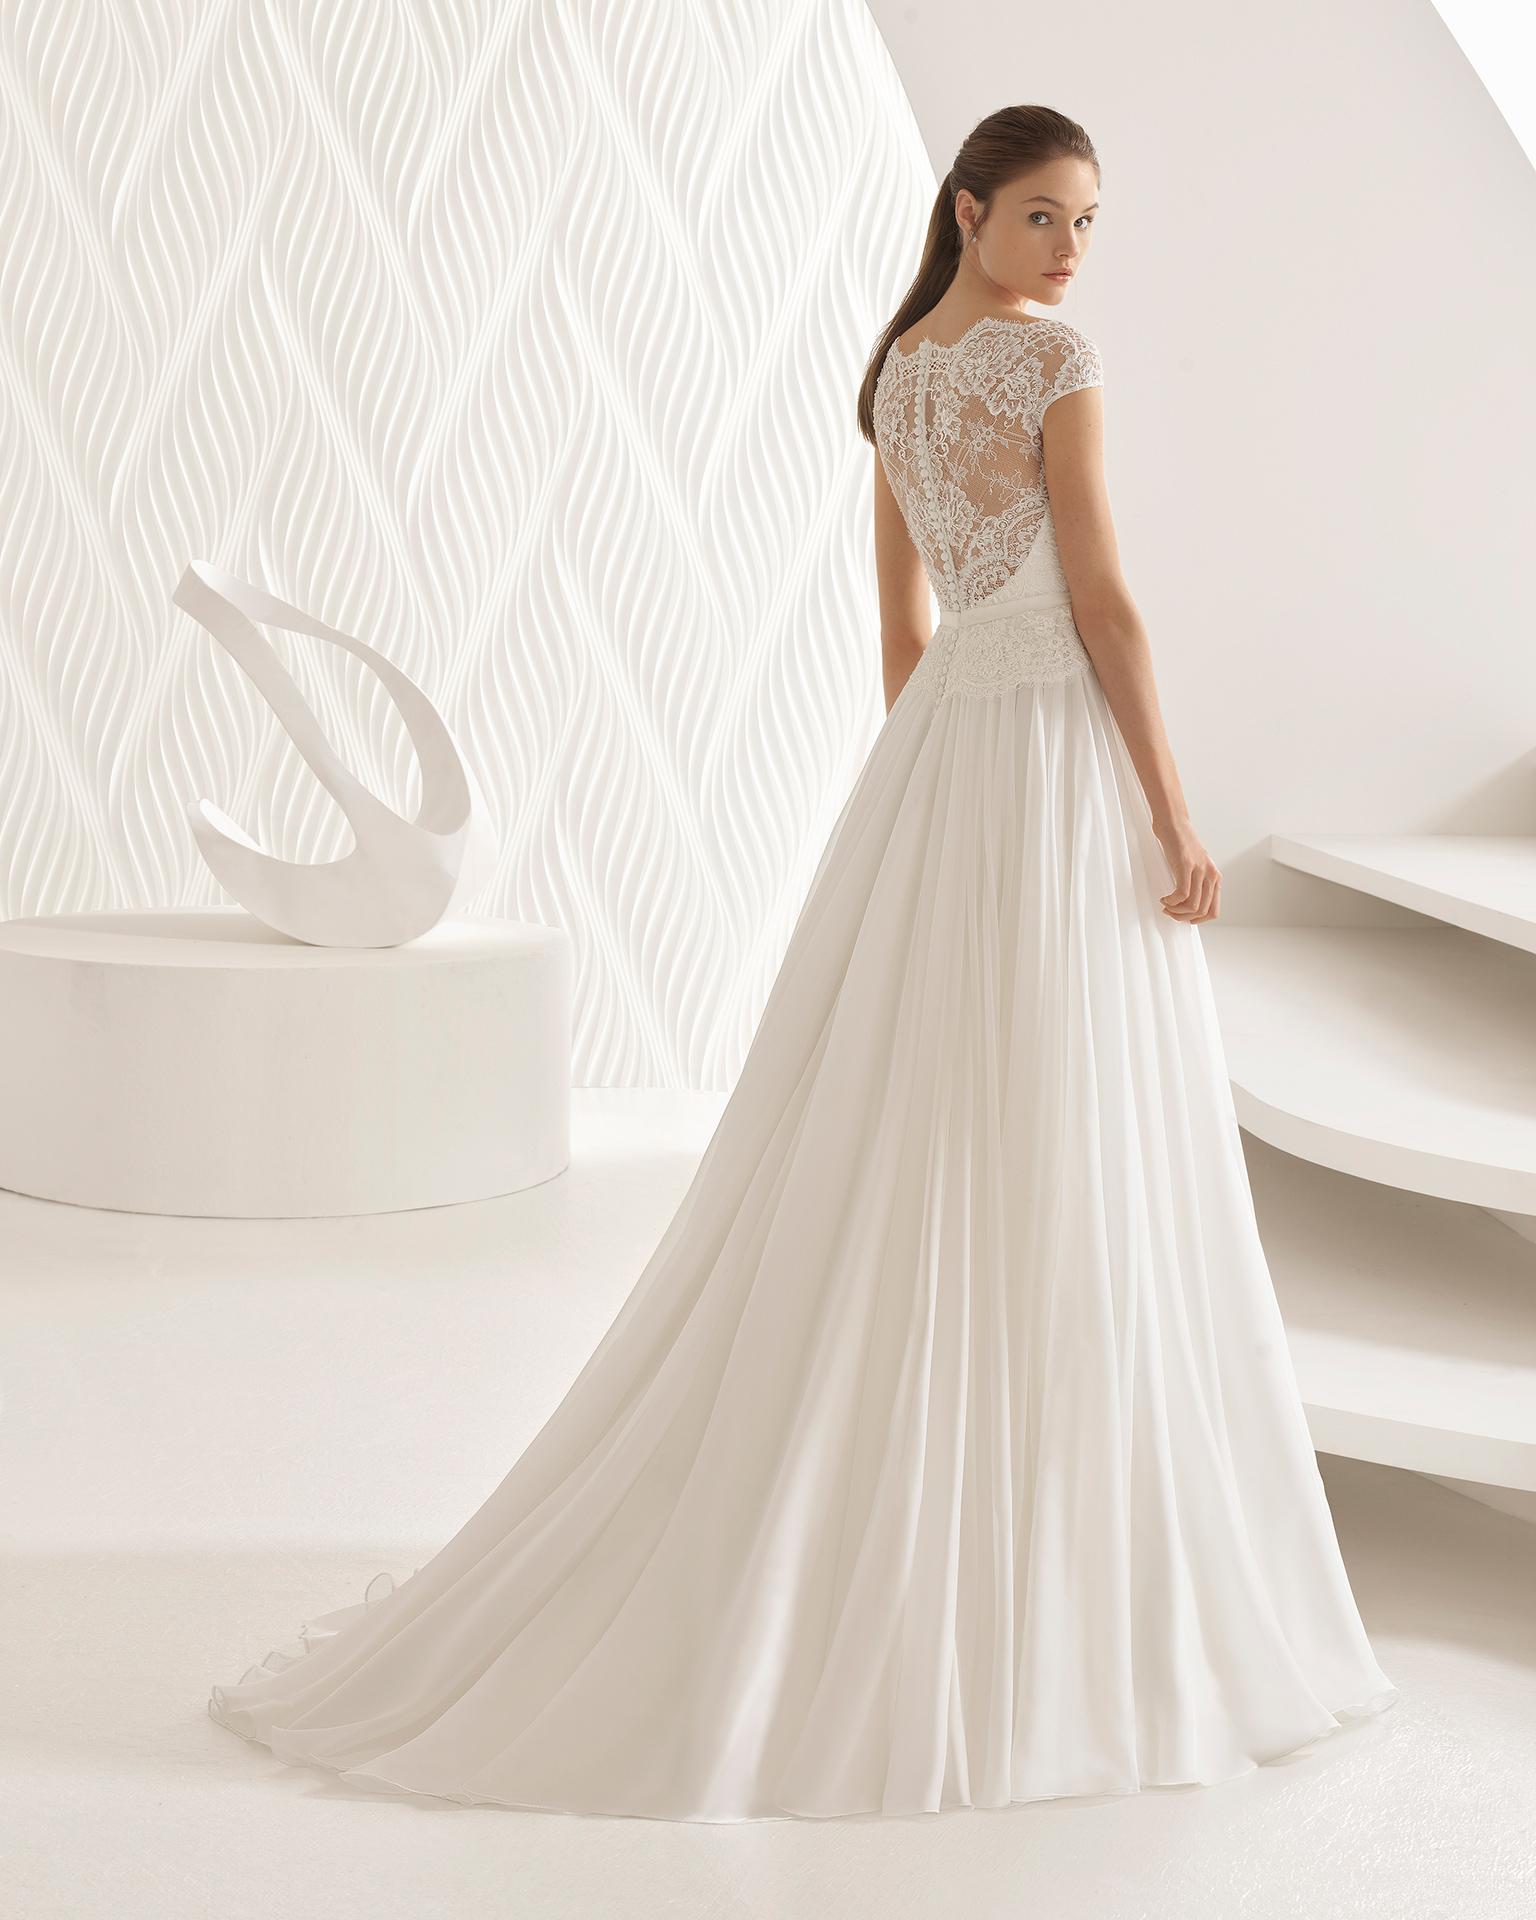 ANASTASIA - 2018 Bridal Collection. Rosa Clará Collection